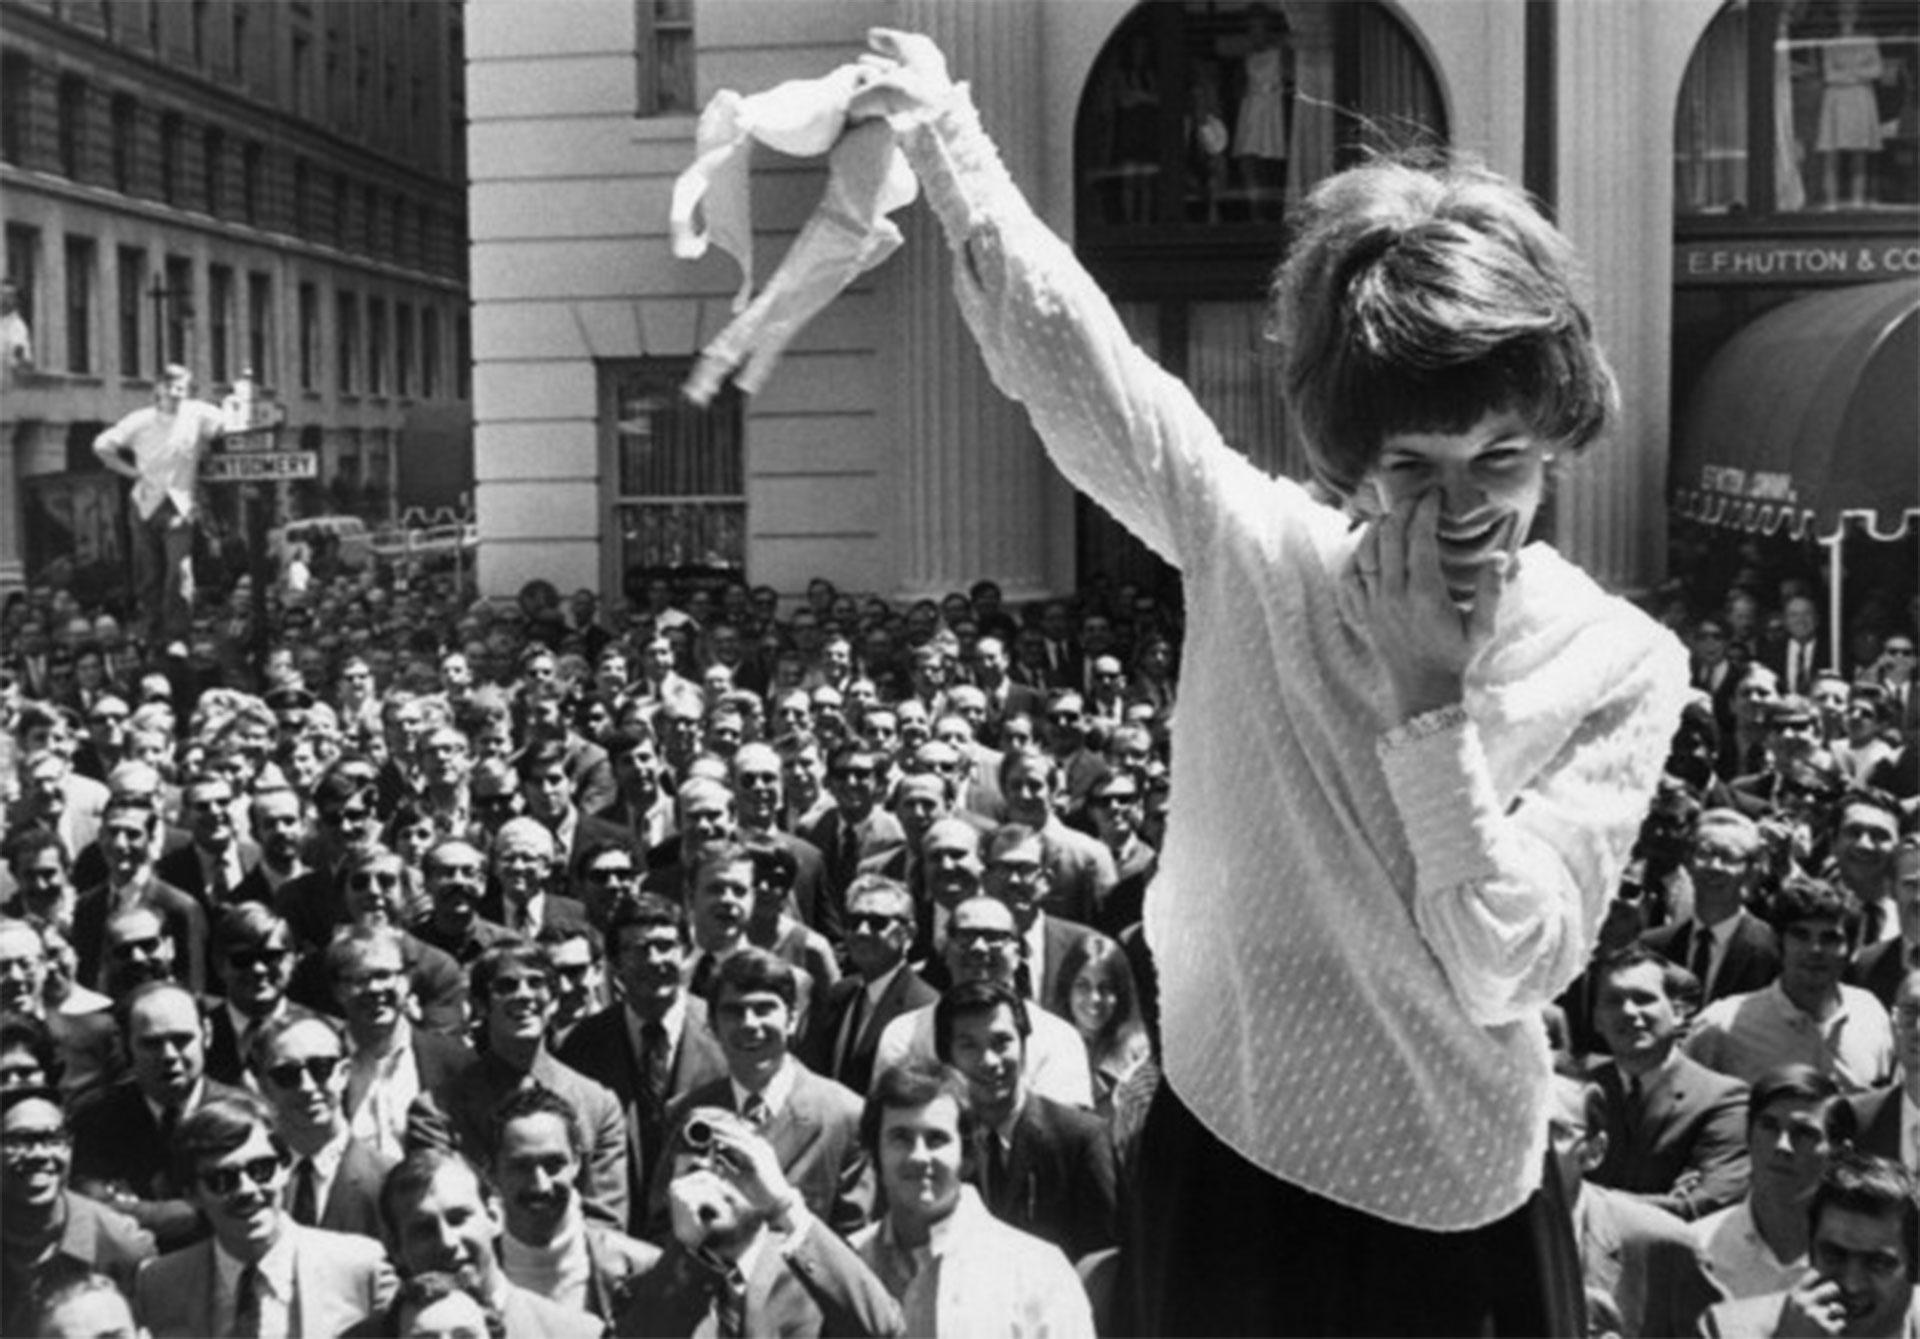 Femministe-anni-'60 storia del reggiseno